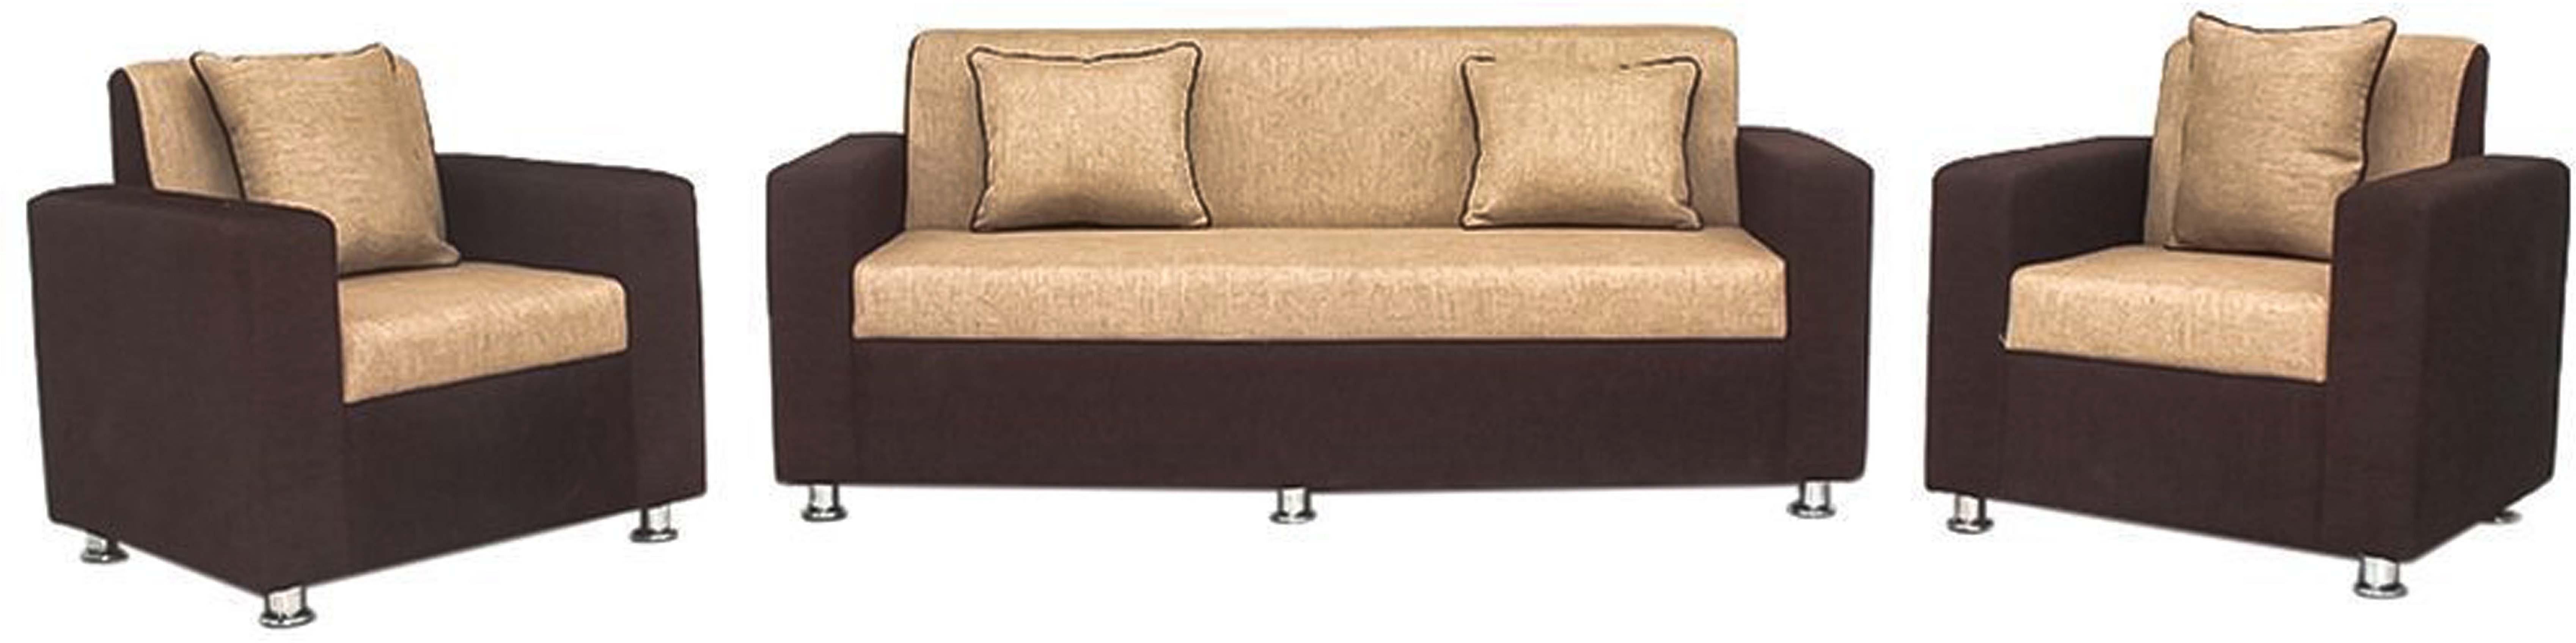 View Comfy Sofa Classy Fabric 3 + 1 + 1 Cream Sofa Set(Configuration - Straight) Furniture (COMFY SOFA)